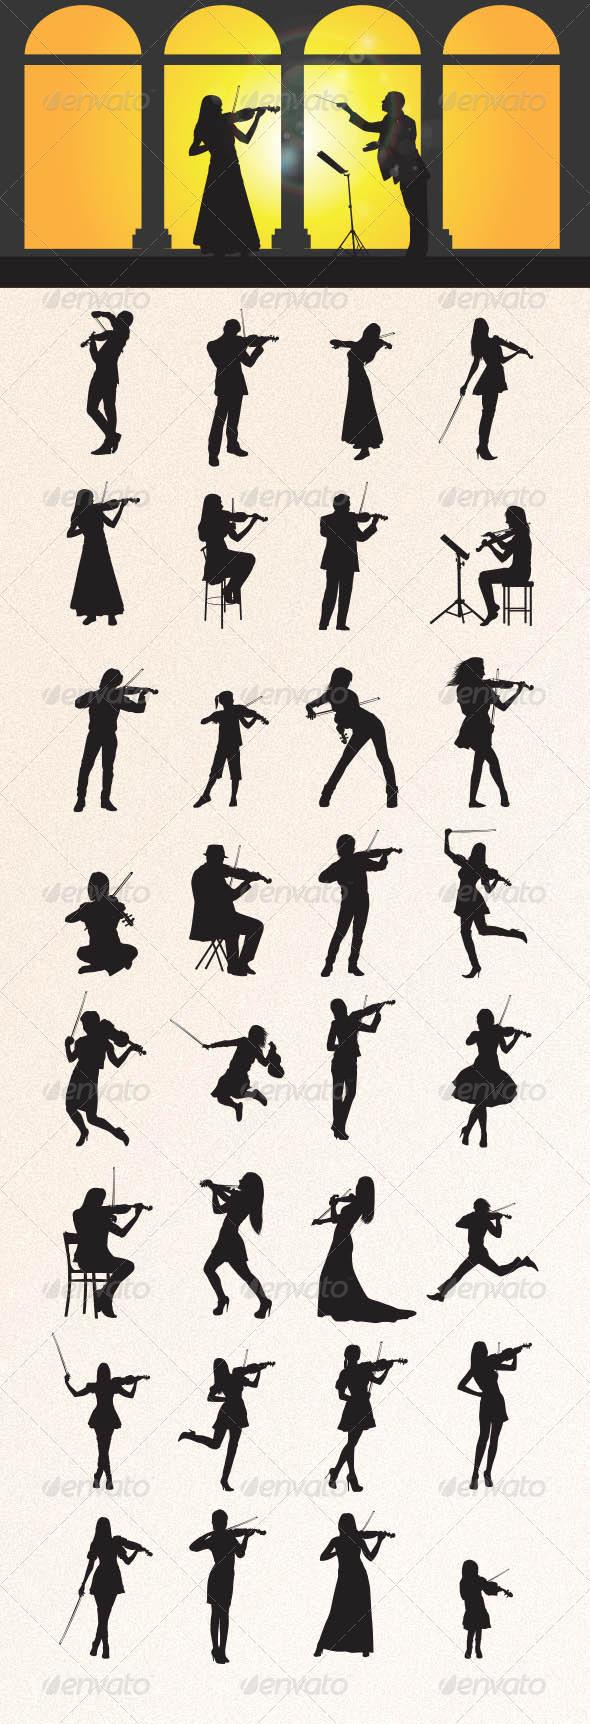 GraphicRiver Violinist Silhouettes 8505131